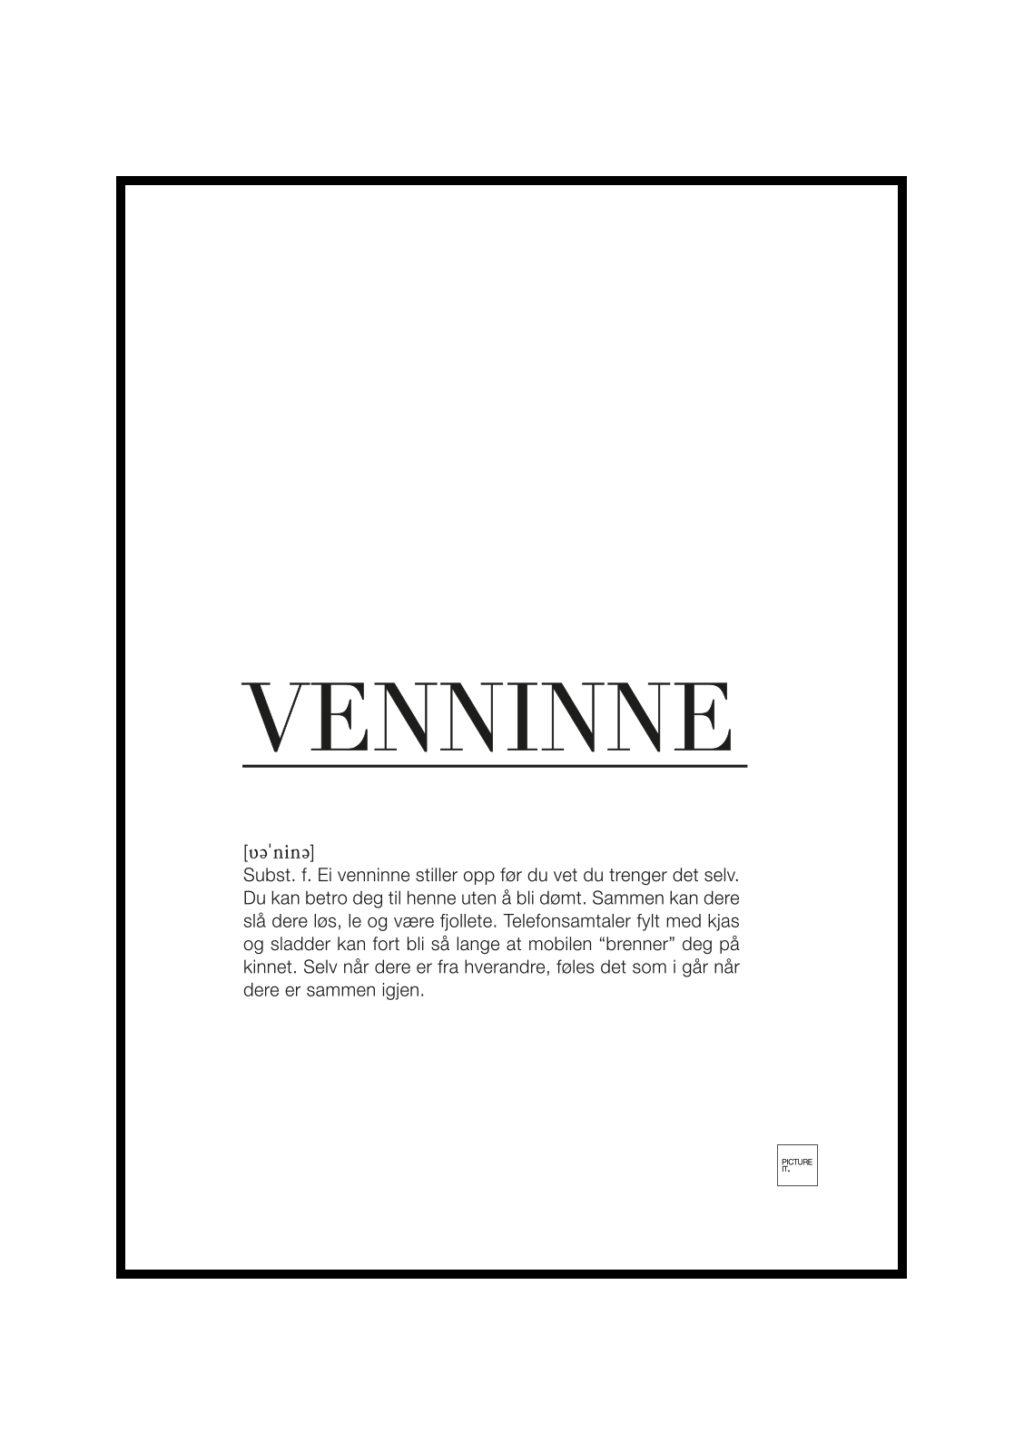 venninne poster